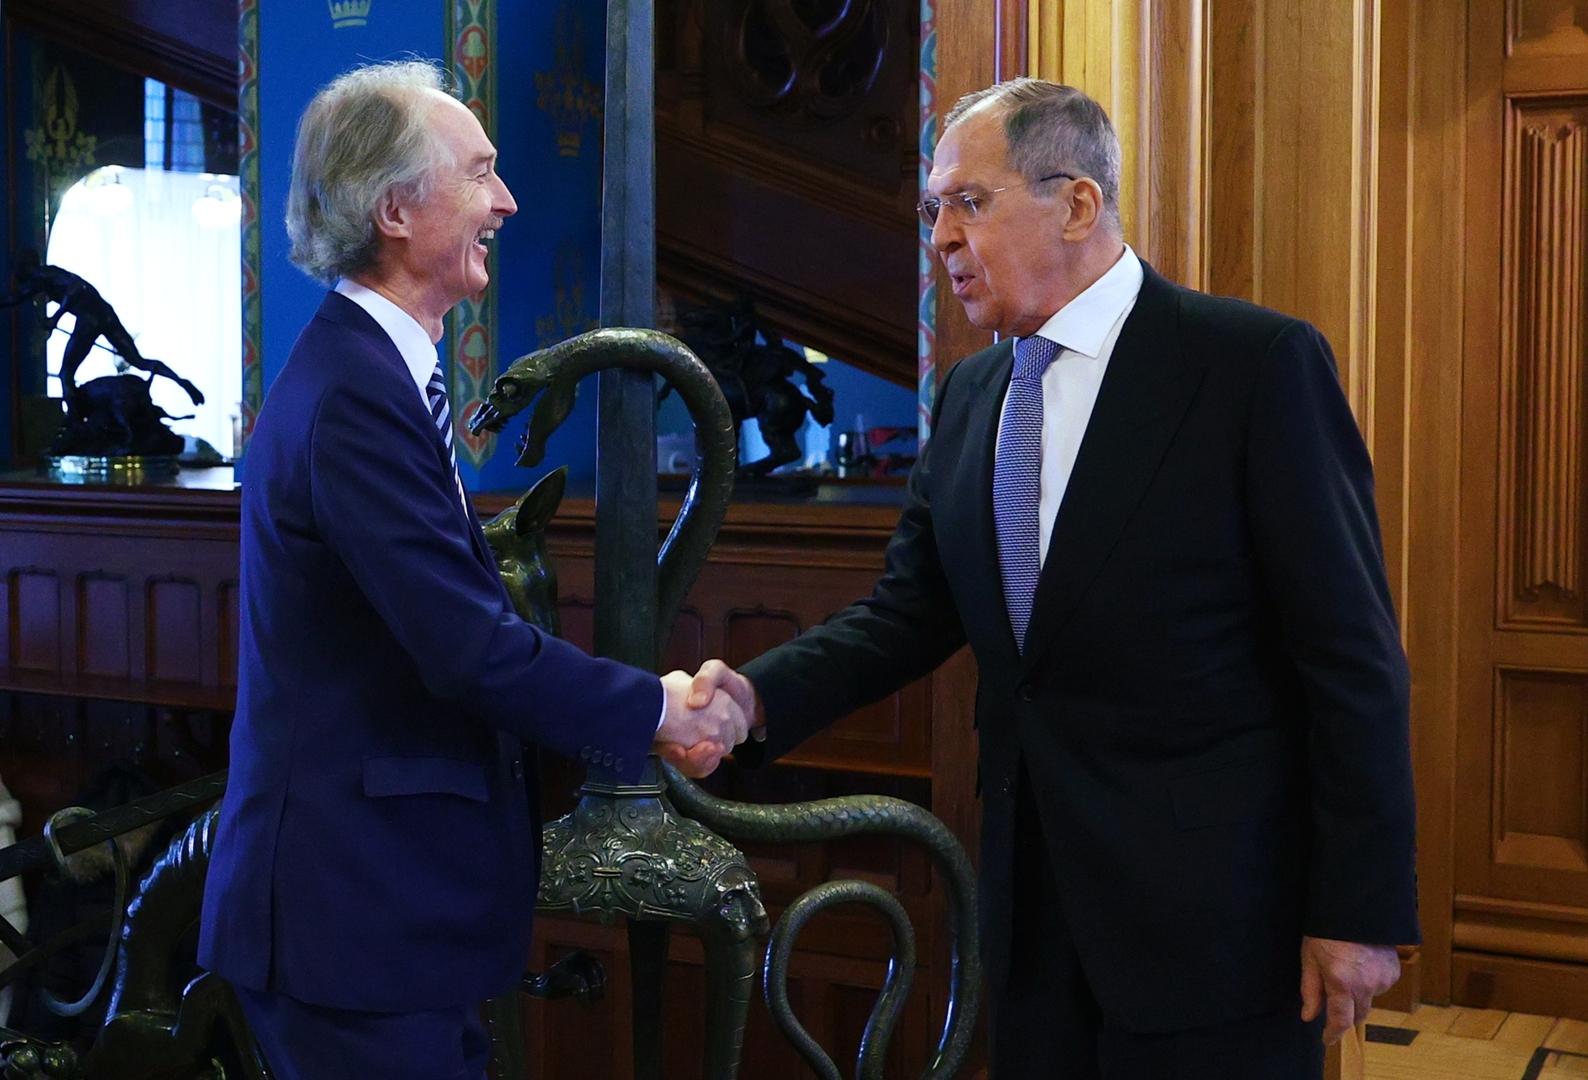 وزير الخارجية الروسي، سيرغي لافروف، والمبعوث الأممي الخاص المعني بسوريا، غير بيدرسن (موسكو، 18 فبراير 2021).